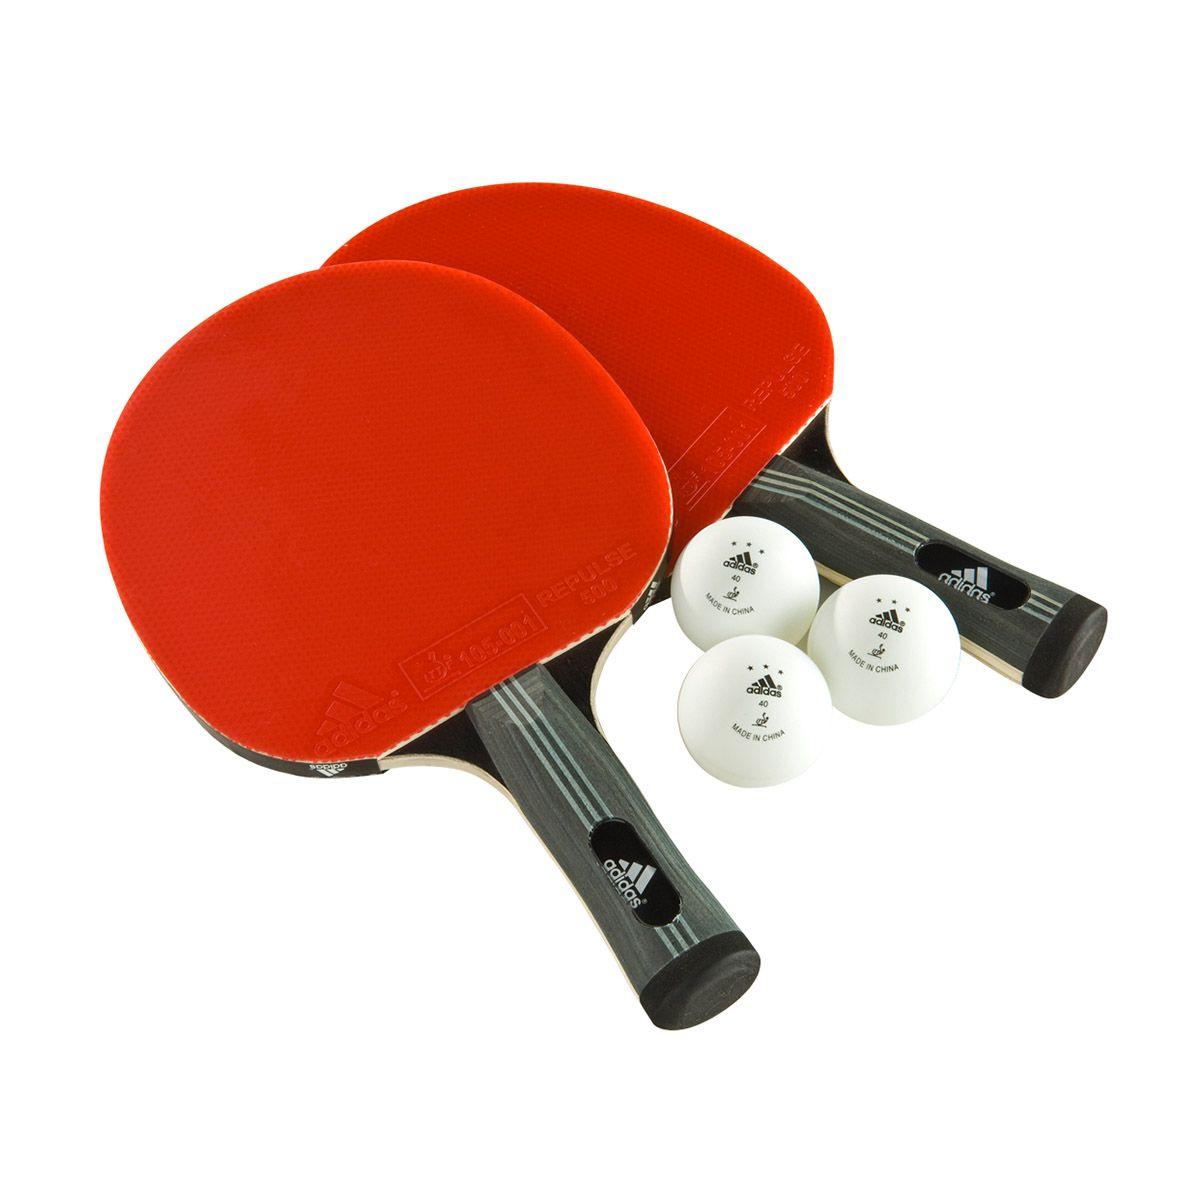 Adidas Comp Club Ii Table Tennis Set Sweatband Com